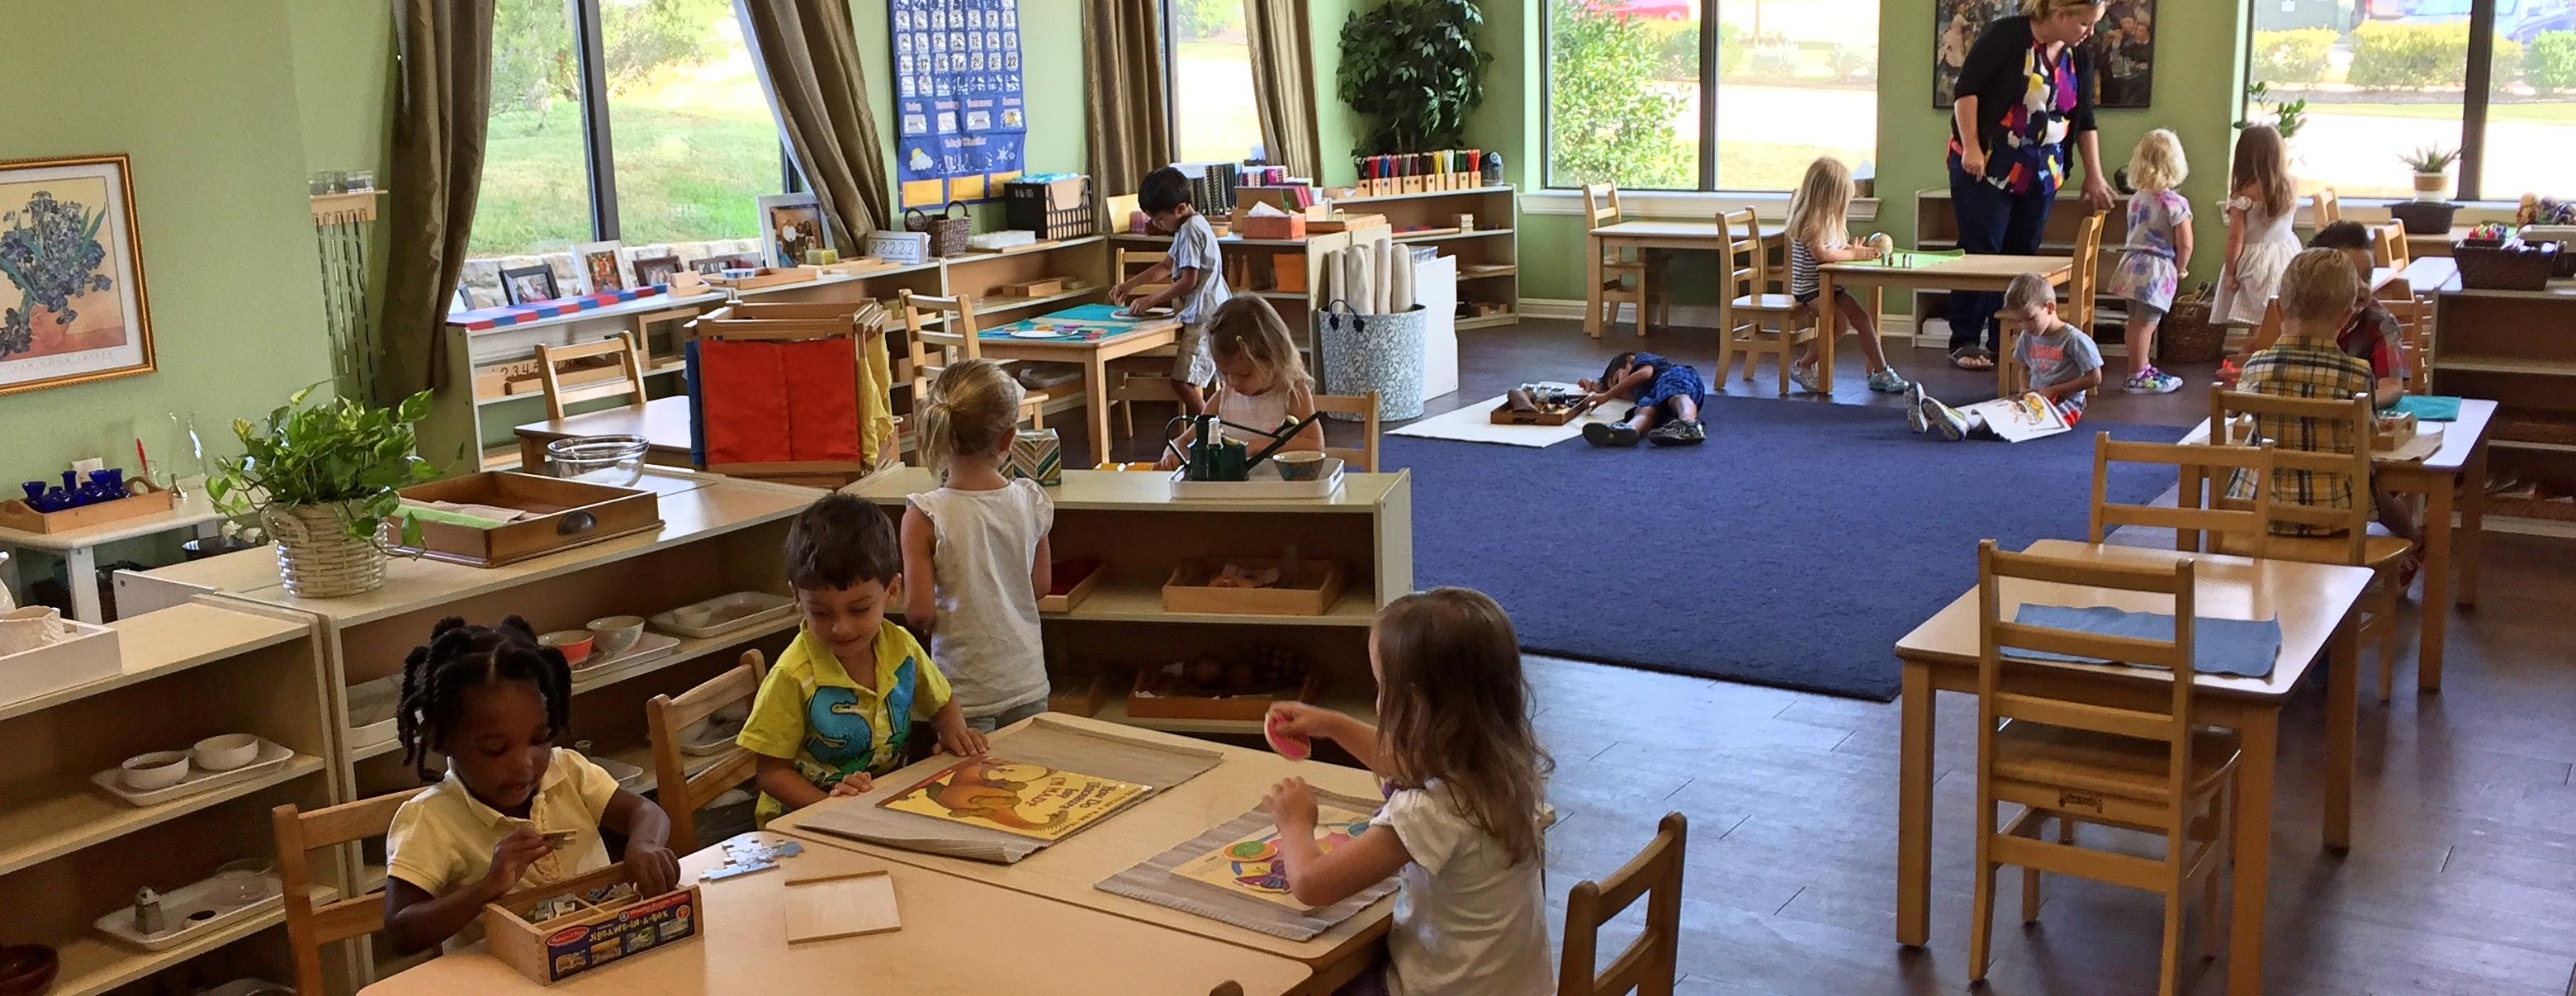 Alden Montessori Classrooms